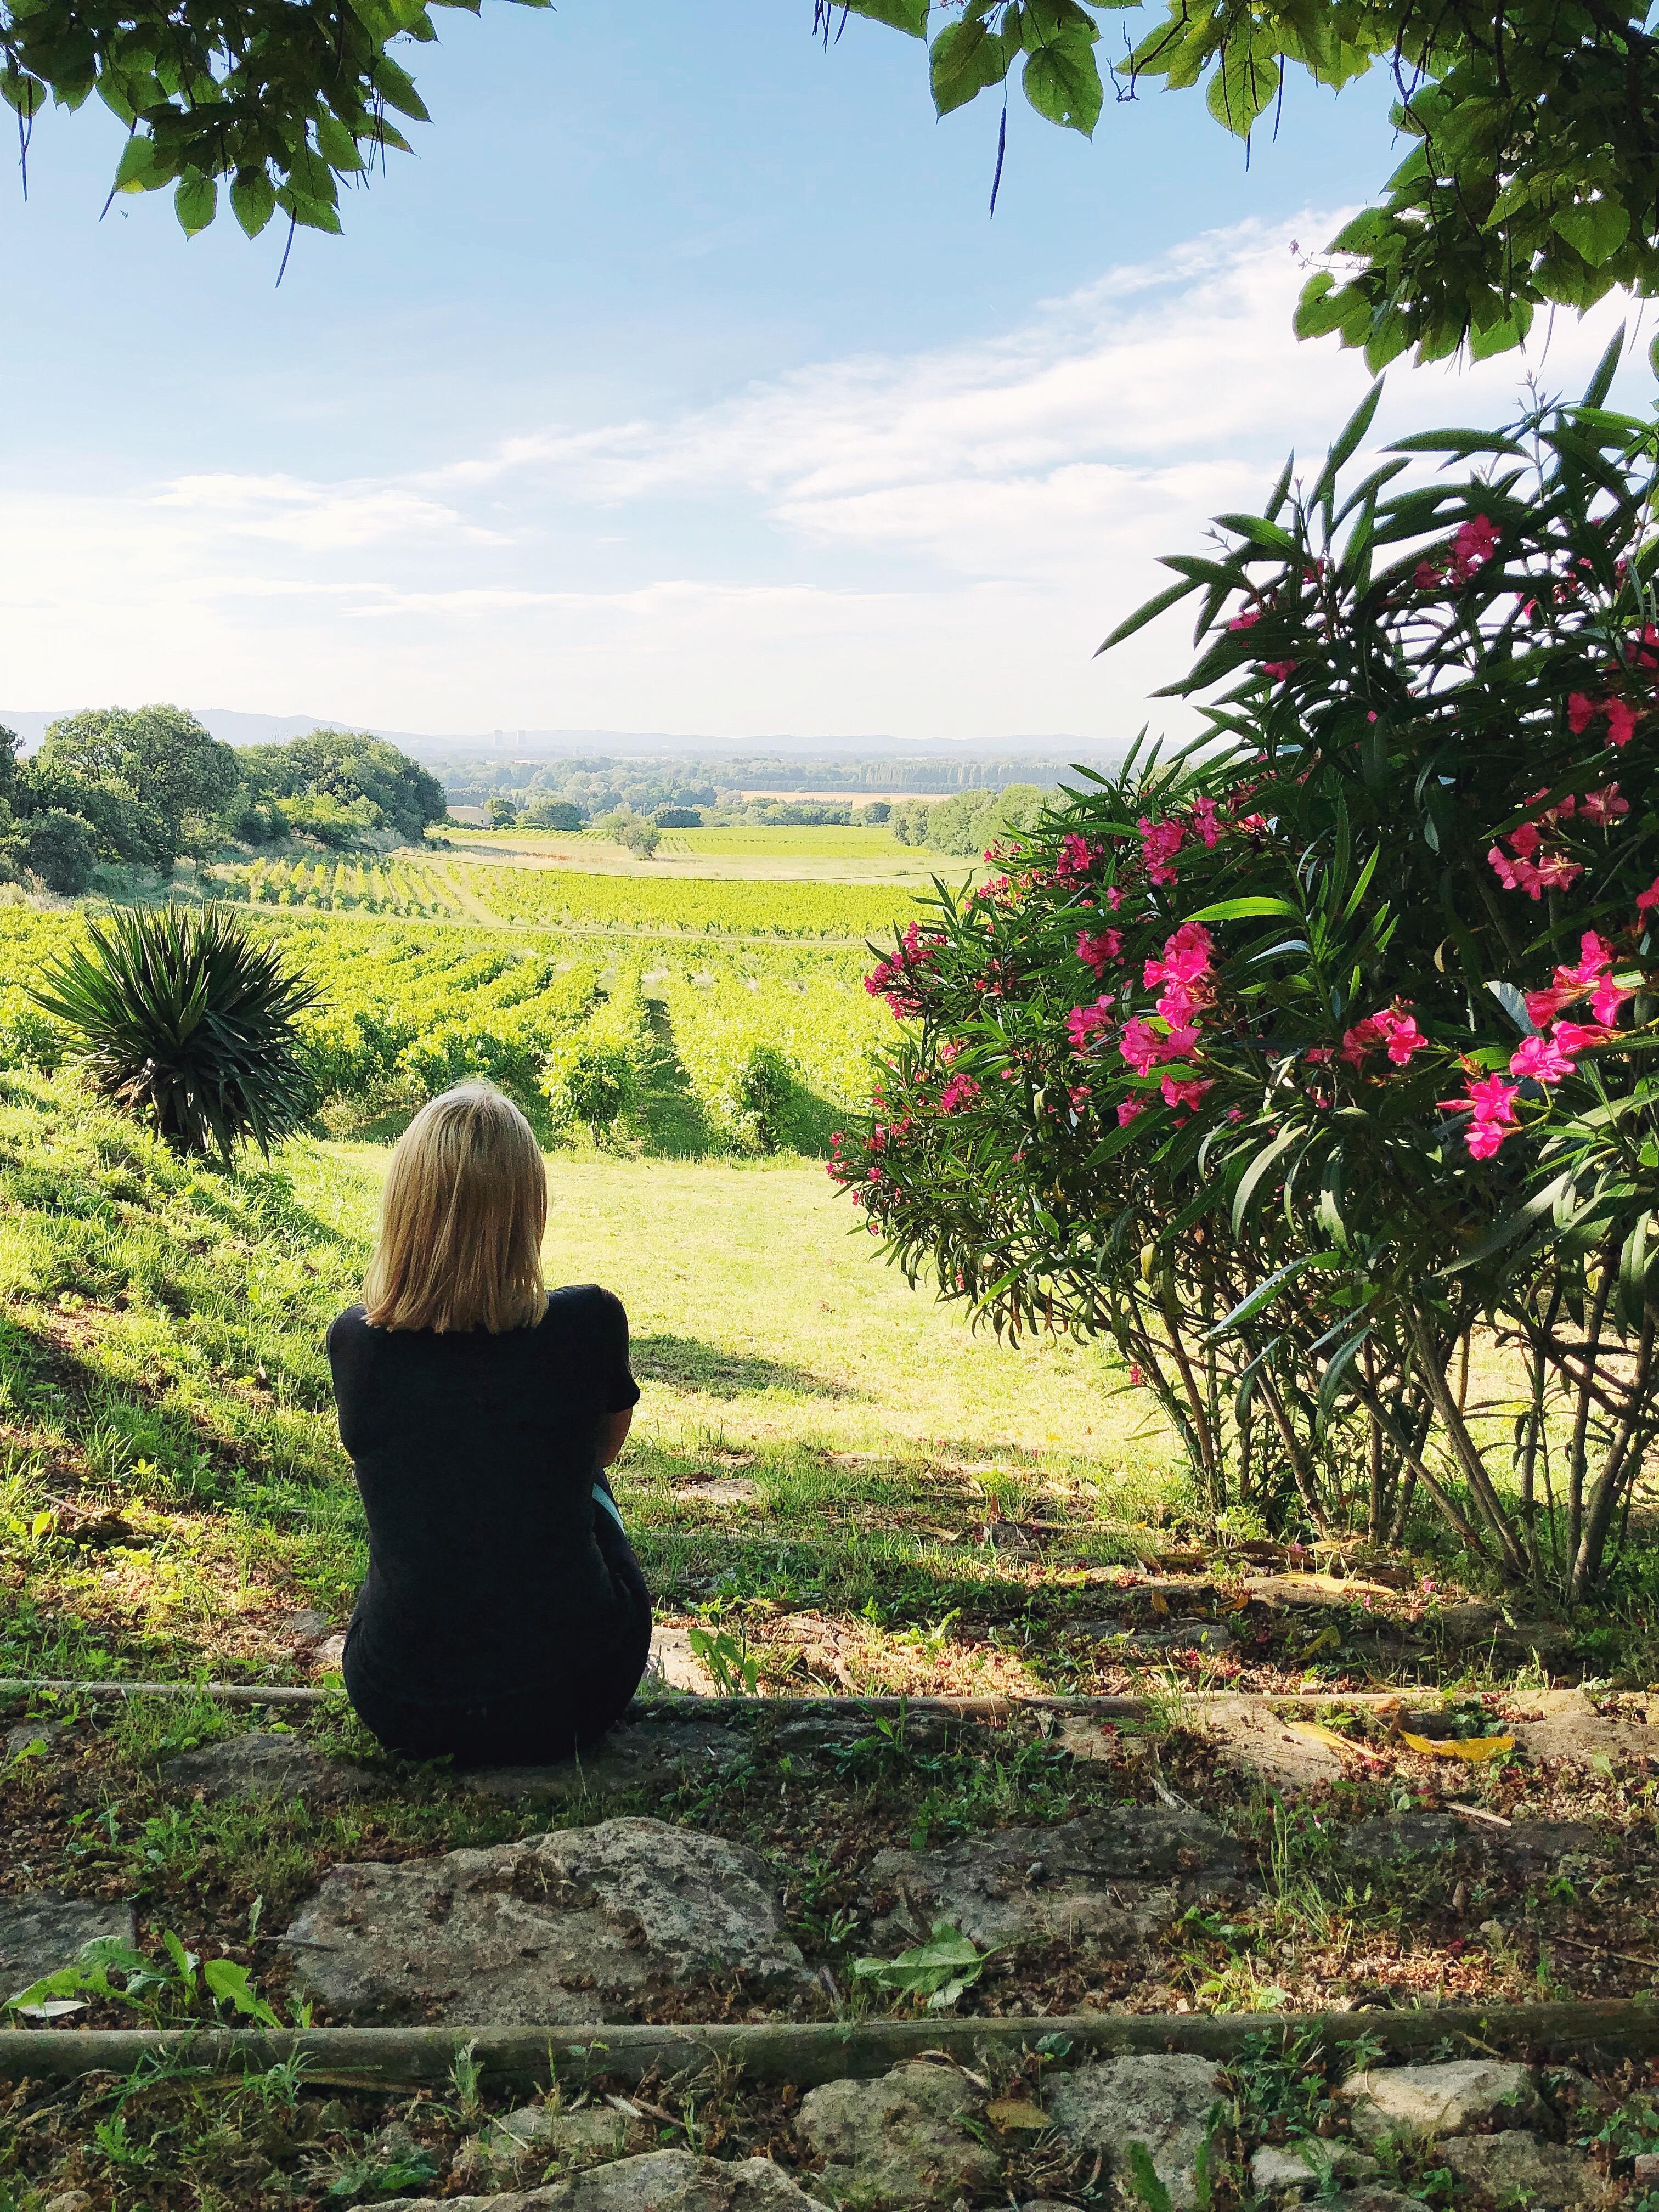 monique overlooking a vineyard